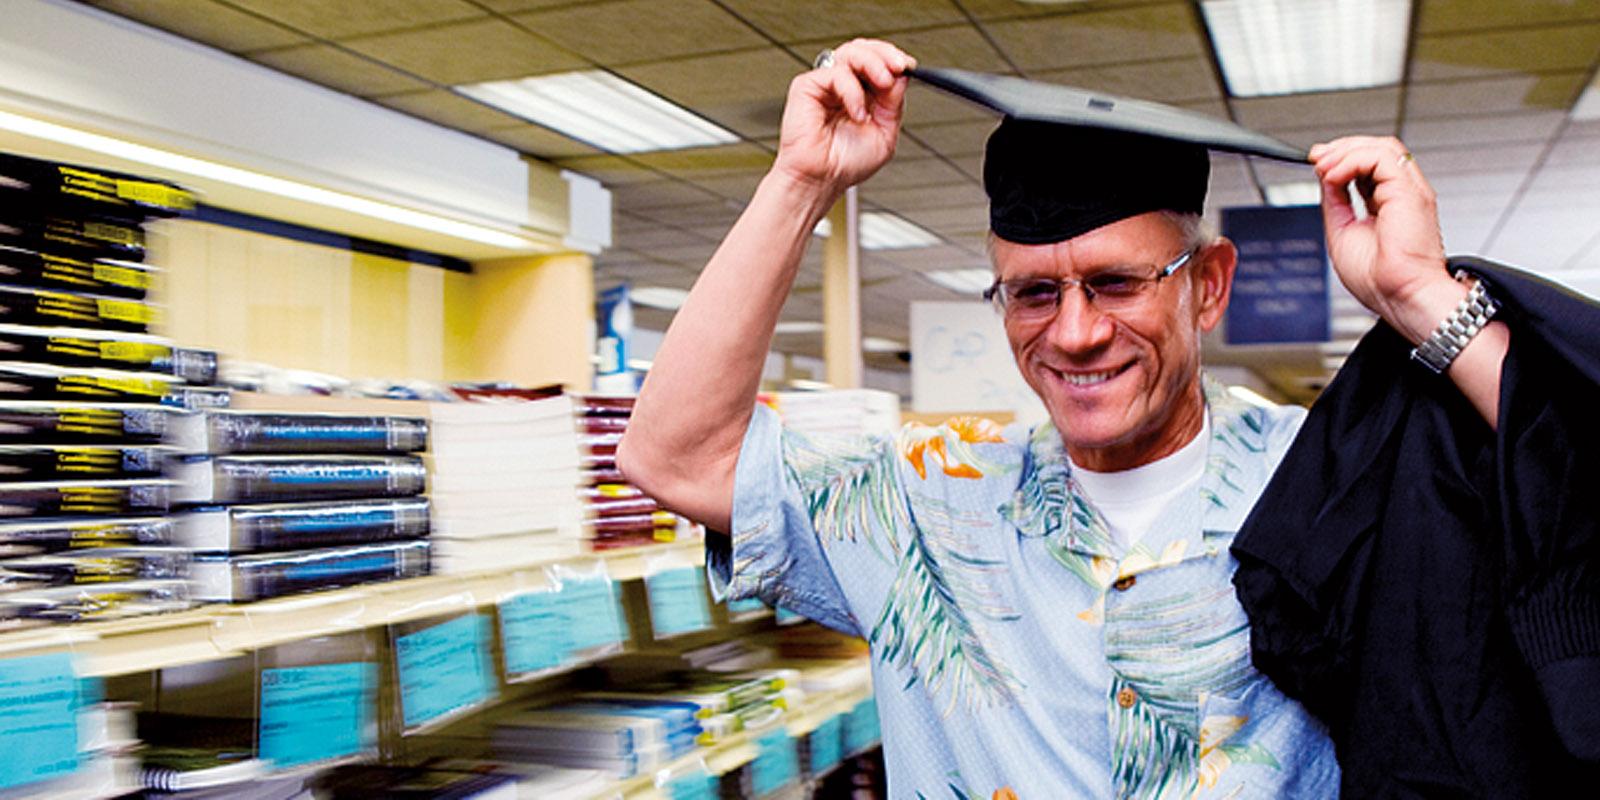 Alumnus Dan Wehrman '10